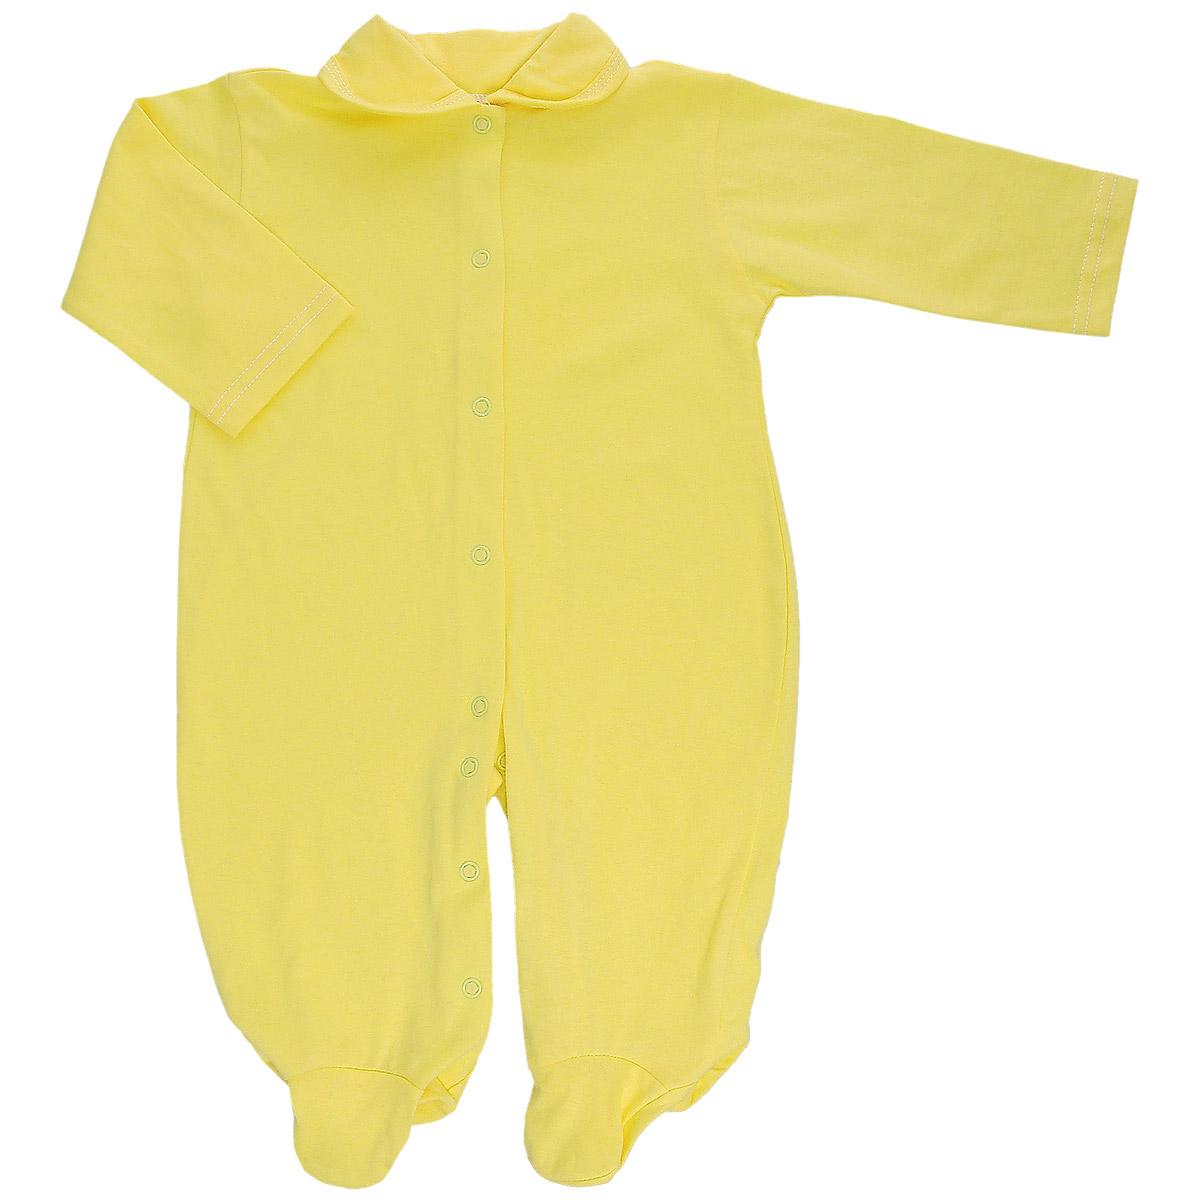 Комбинезон детский Трон-Плюс, цвет: желтый. 5805. Размер 74, 9 месяцев5805Детский комбинезон Трон-Плюс - очень удобный и практичный вид одежды для малышей. Комбинезон выполнен из кулирного полотна - натурального хлопка, благодаря чему он необычайно мягкий и приятный на ощупь, не раздражает нежную кожу ребенка, и хорошо вентилируются, а эластичные швы приятны телу малыша и не препятствуют его движениям. Комбинезон с длинными рукавами, закрытыми ножками и отложным воротничком имеет застежки-кнопки от горловины до щиколоток, которые помогают легко переодеть младенца или сменить подгузник. С детским комбинезоном спинка и ножки вашего малыша всегда будут в тепле, он идеален для использования днем и незаменим ночью. Комбинезон полностью соответствует особенностям жизни младенца в ранний период, не стесняя и не ограничивая его в движениях!